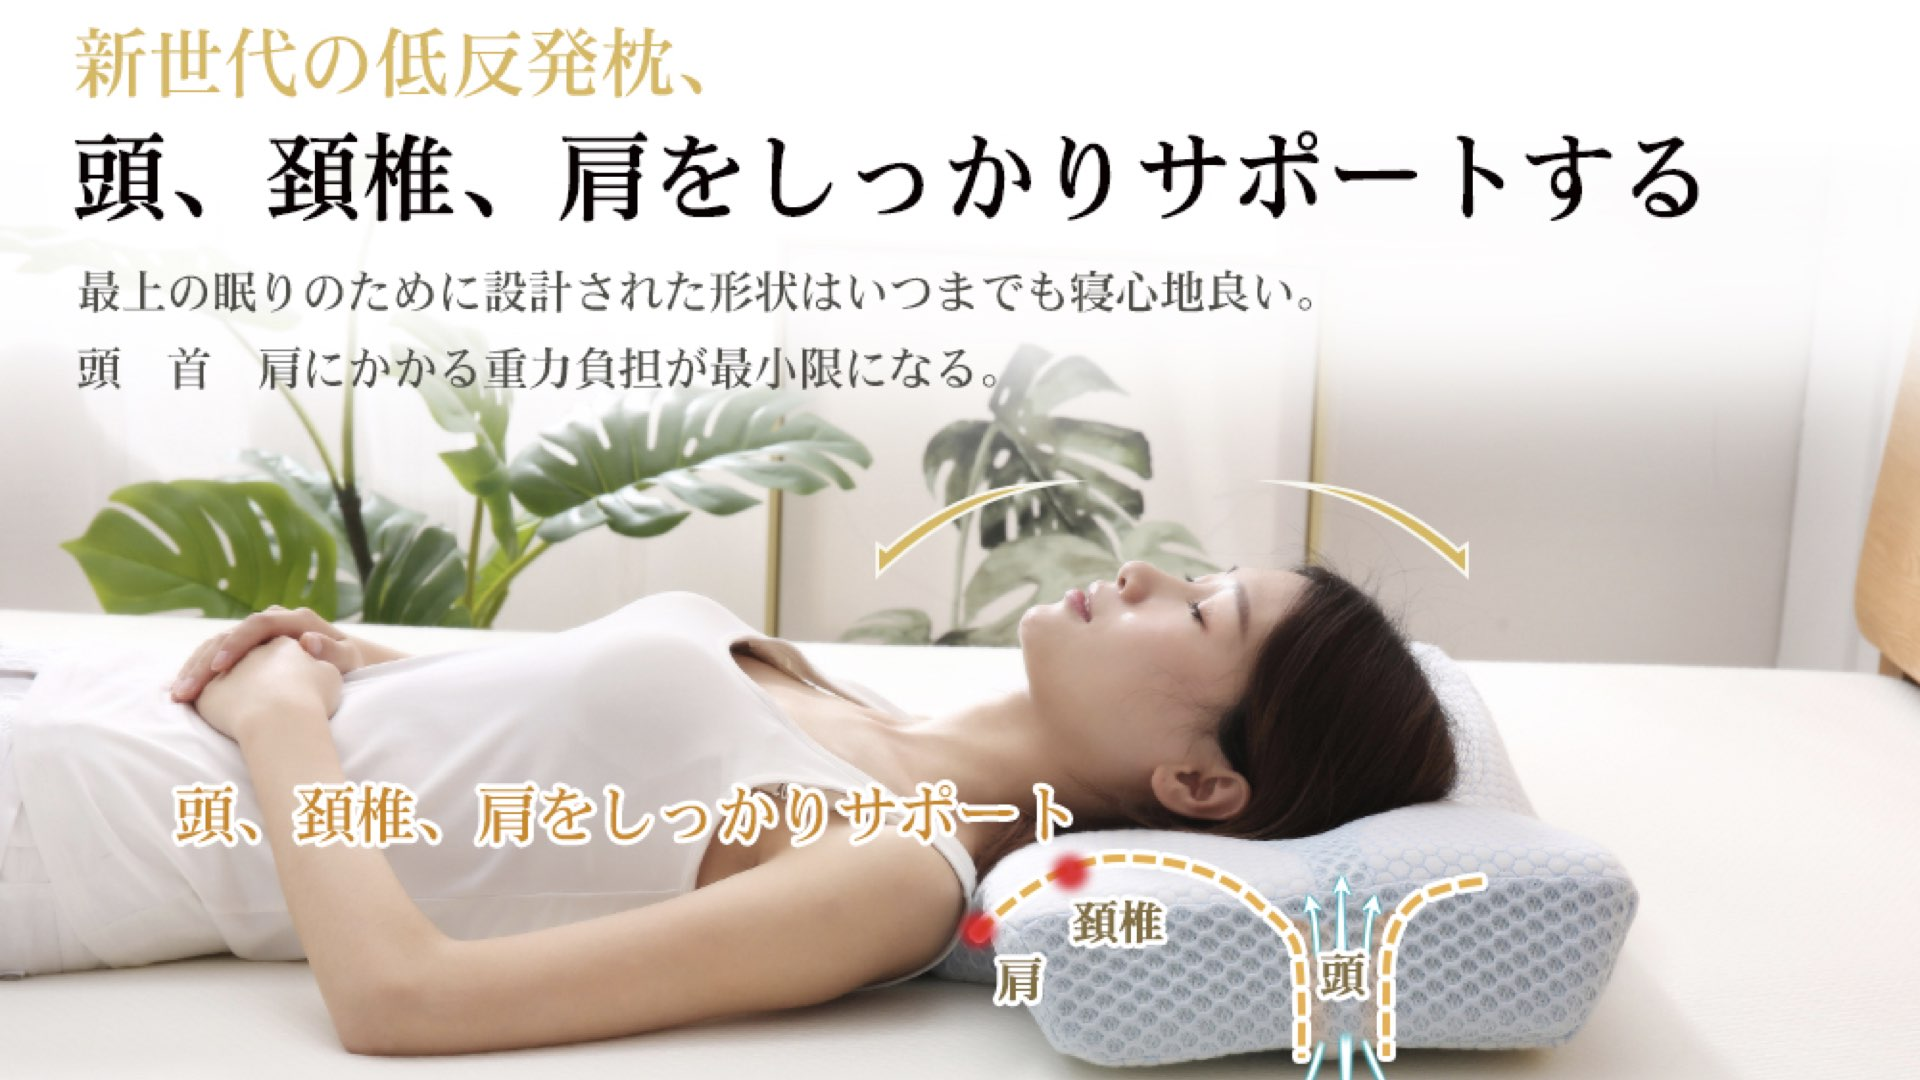 スマホ首解消には枕を変えるのがベスト